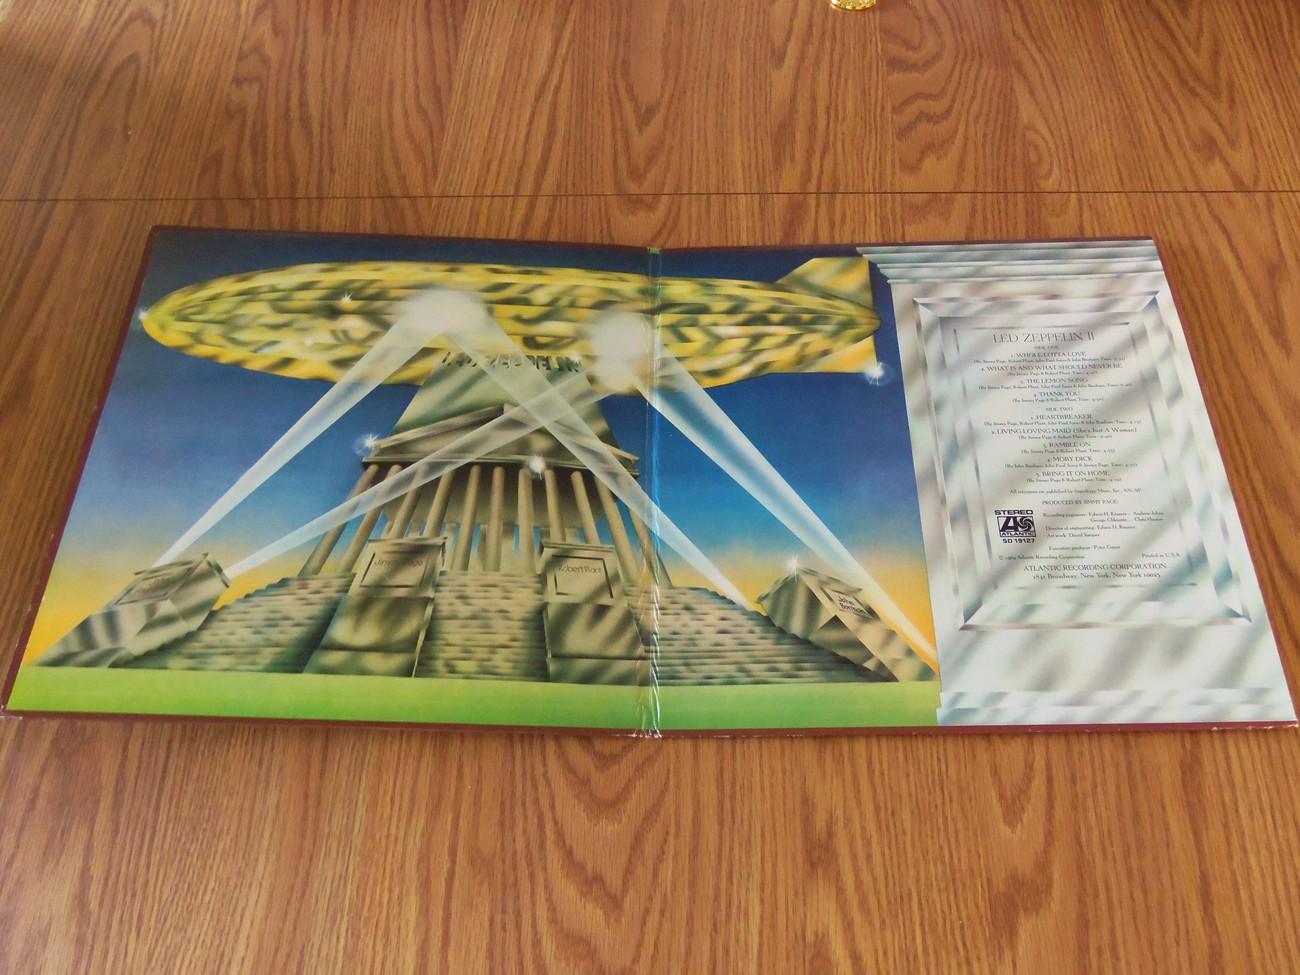 Led Zeppelin II Atlantic SD 19127 Lp Whole Lotta Love The Lemon Song No Bar Code